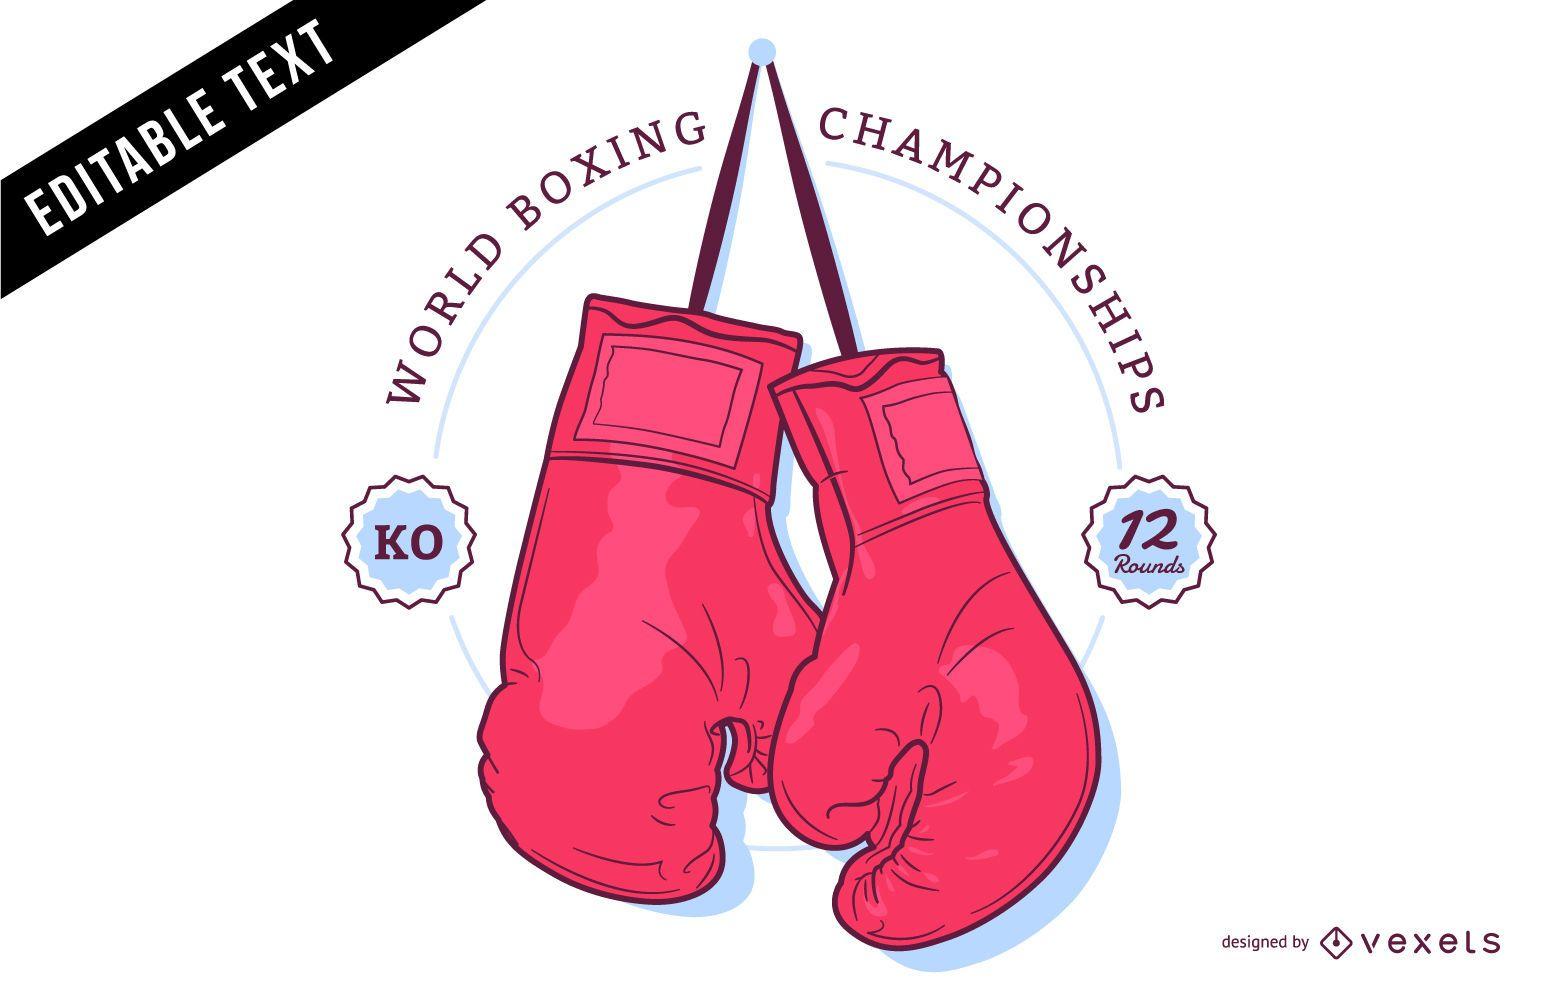 Logotipo de boxeo ilustrado